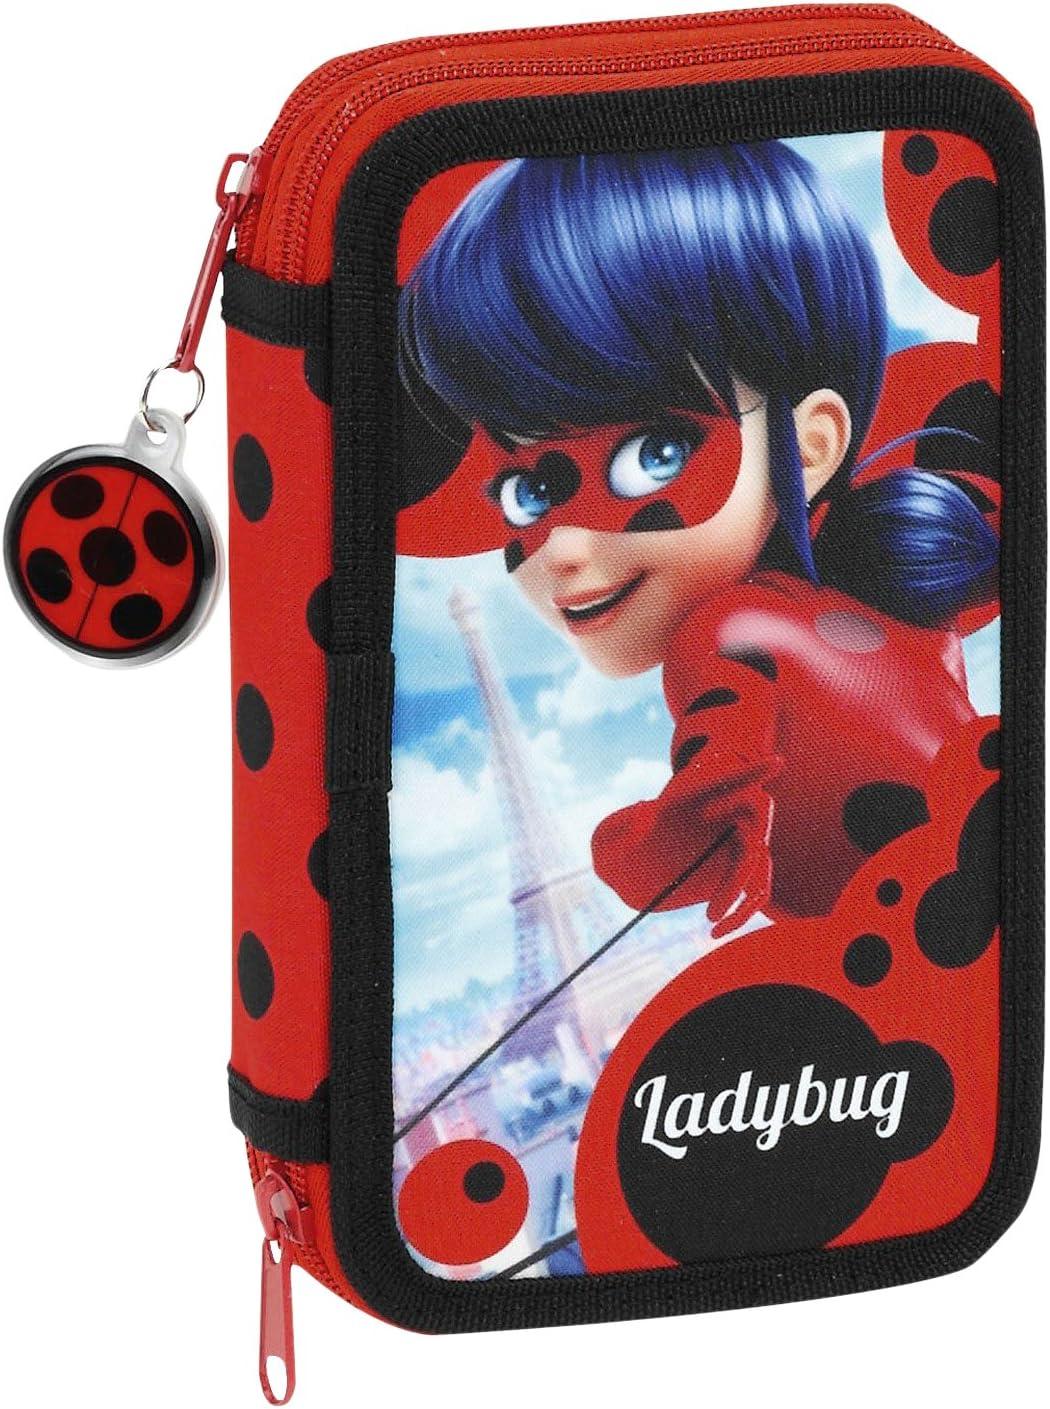 Safta- Lady Bug Ladybug Estuche, Color Rojo, ampuacutenica (411702854): Amazon.es: Juguetes y juegos